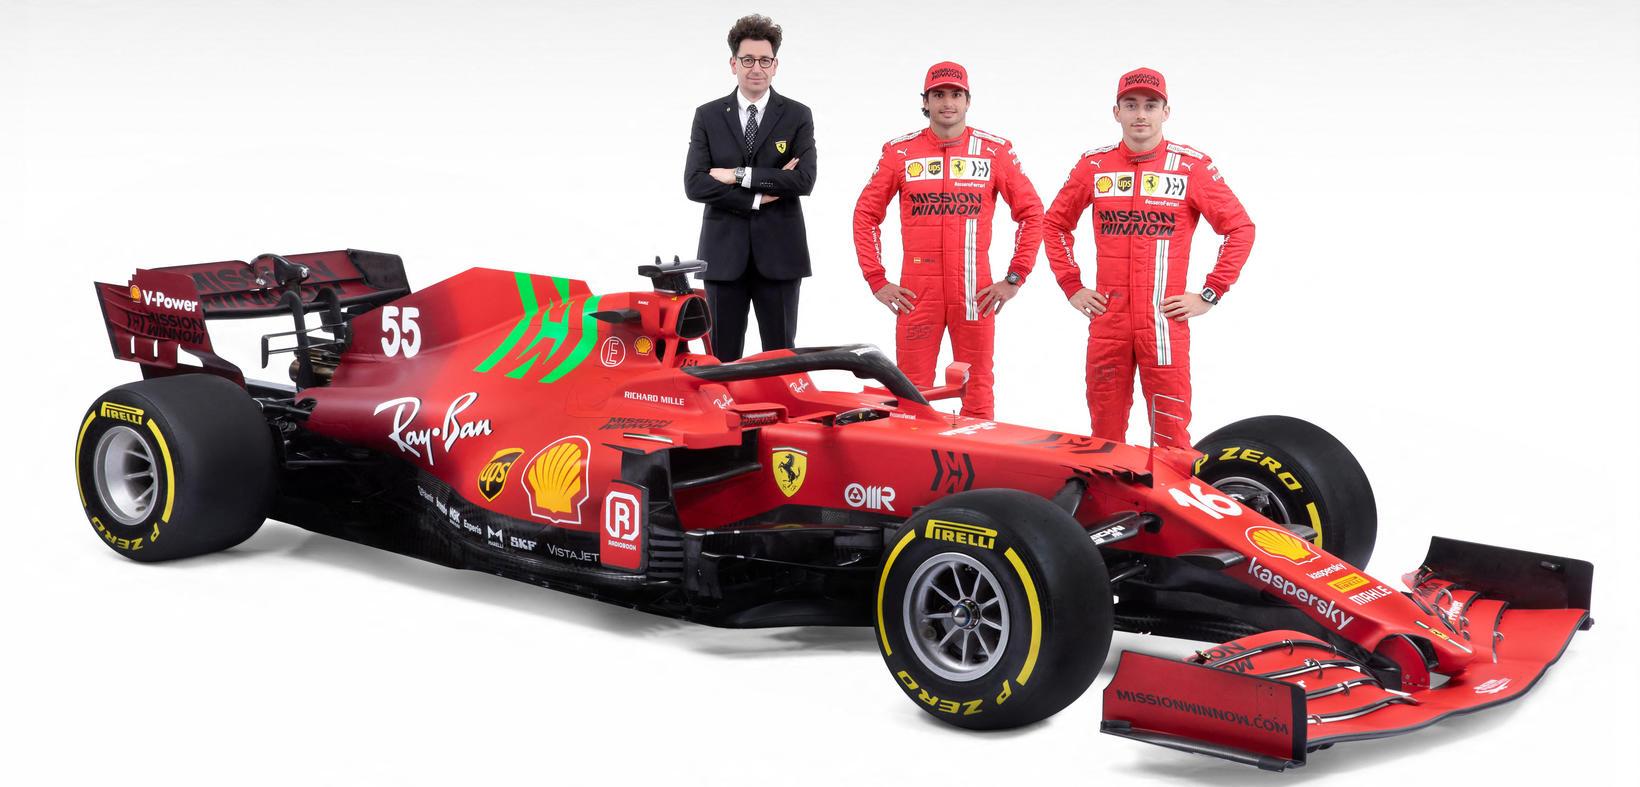 Ökumenn og liðsstjórinn við keppnisbíl Ferrari á formúlutíðinni 2021.